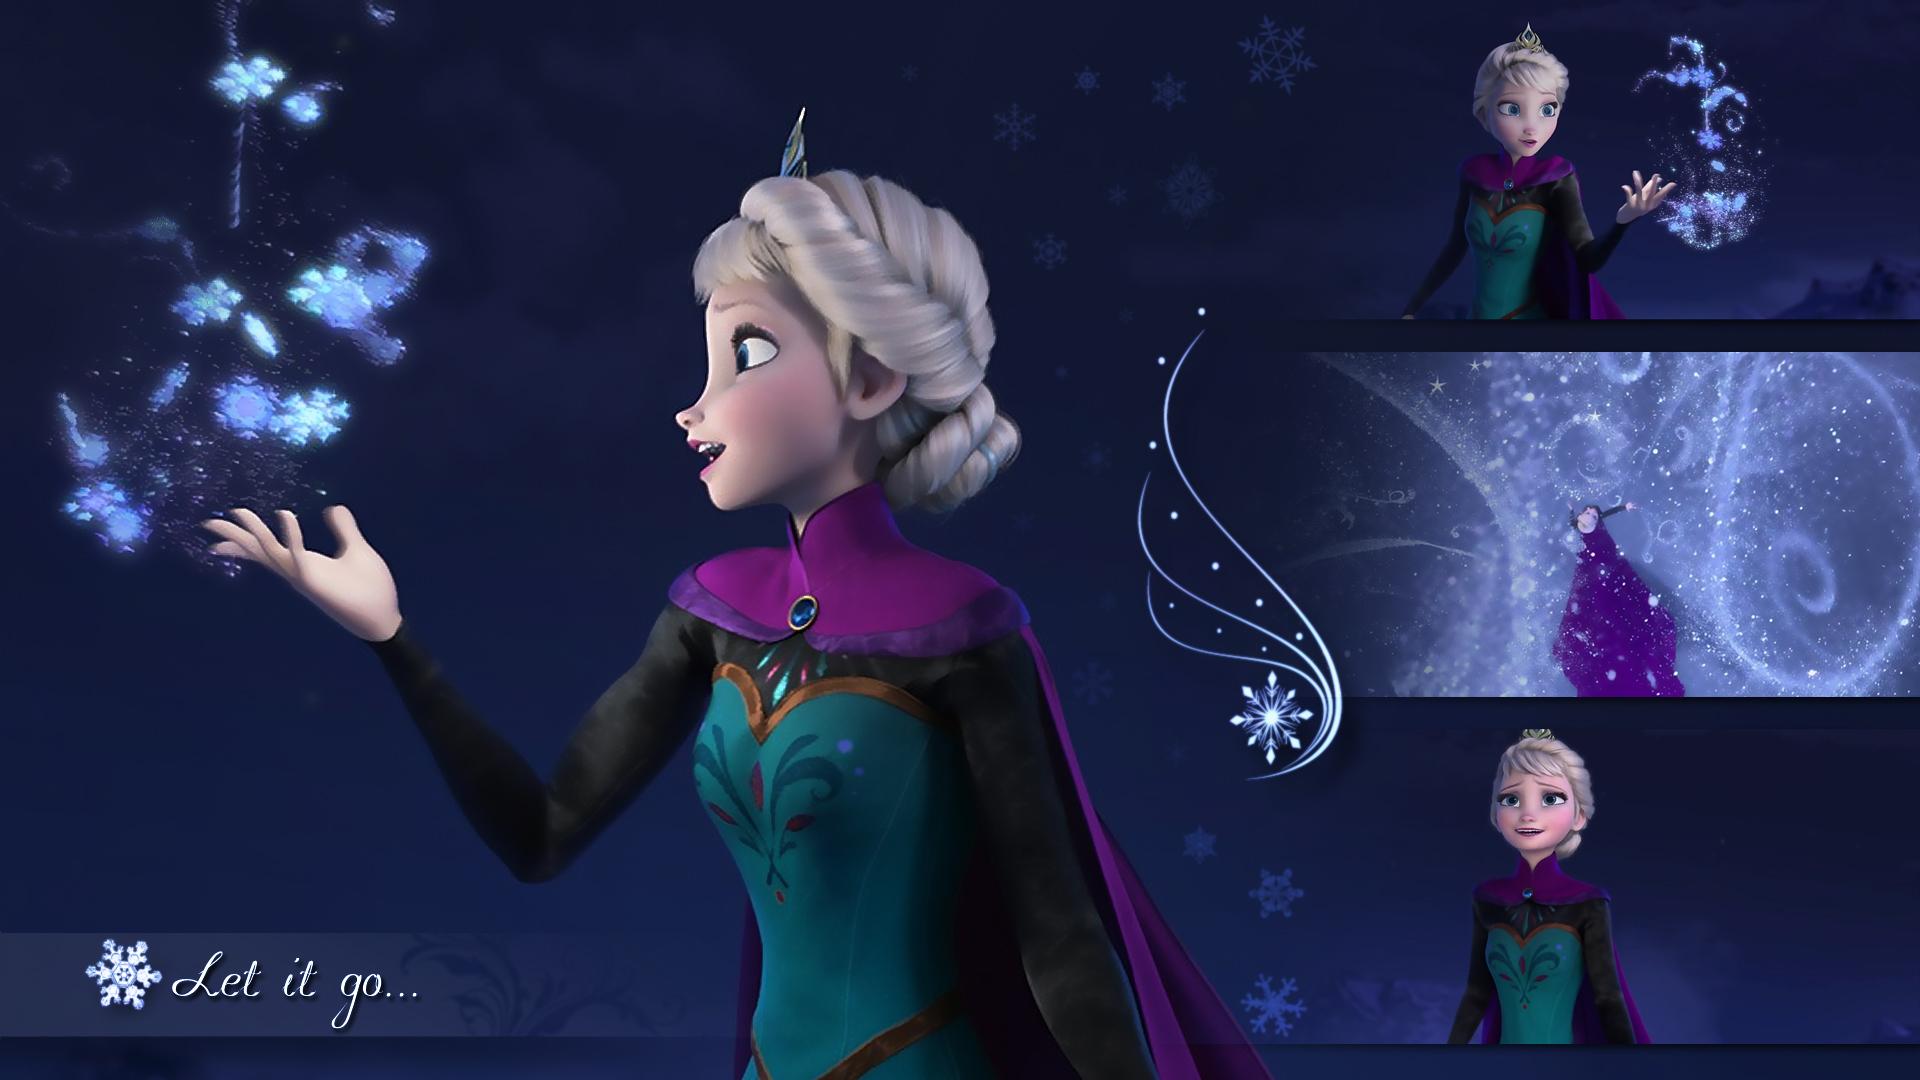 Elsa frozen wallpaper by bushmaid on deviantart bushmaid elsa frozen wallpaper by bushmaid voltagebd Gallery